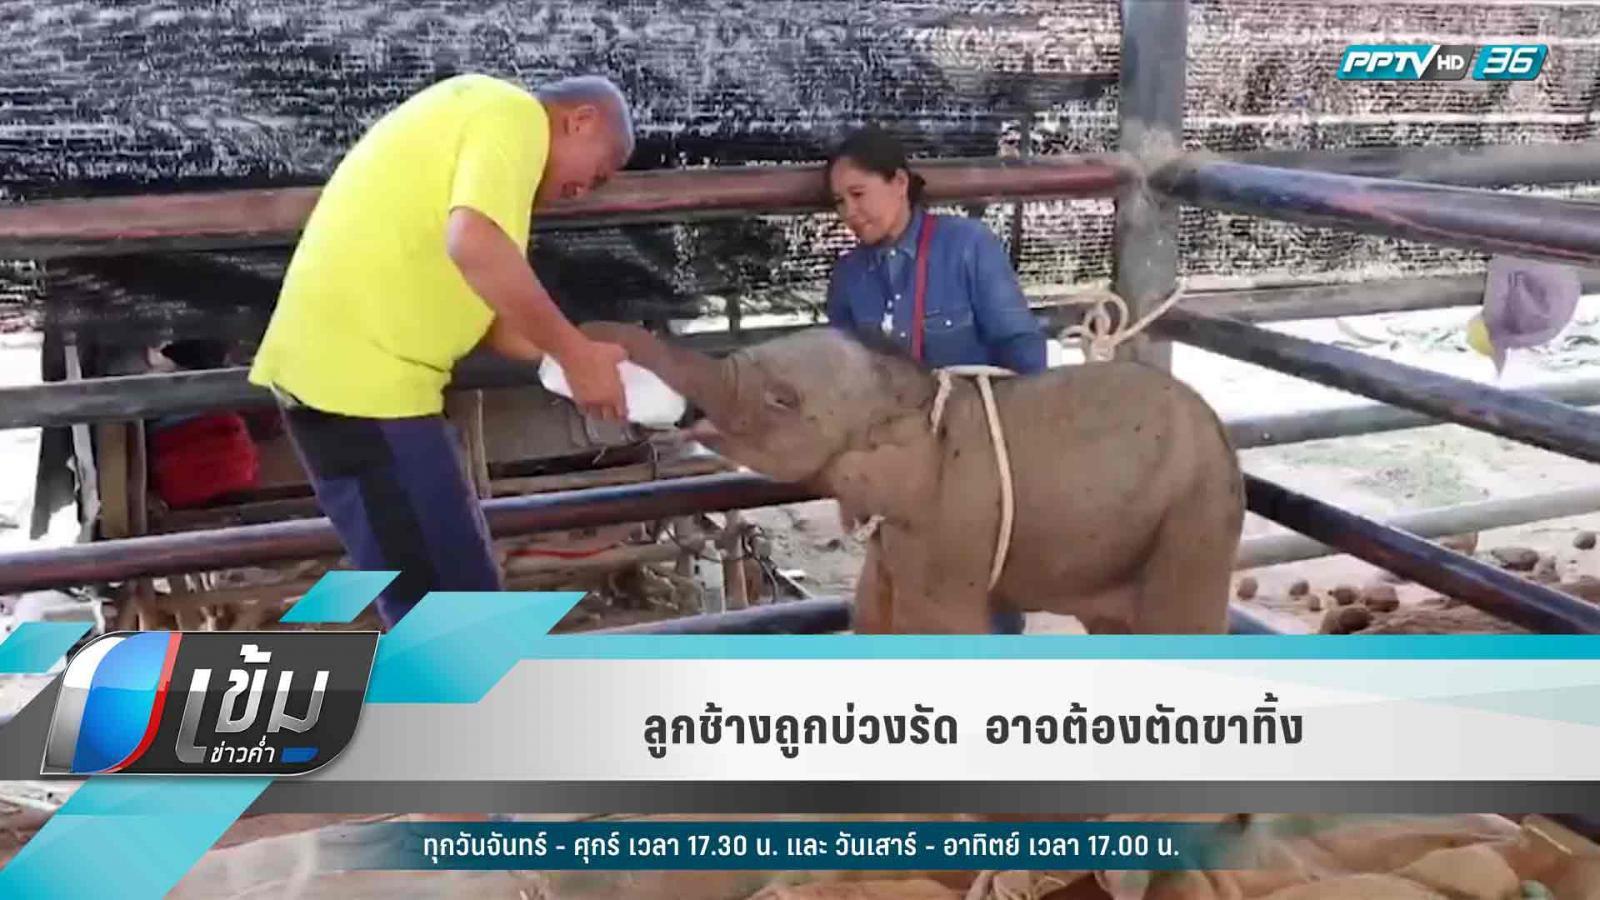 ลูกช้างถูกบ่วงรัด  อาจต้องตัดขาทิ้ง